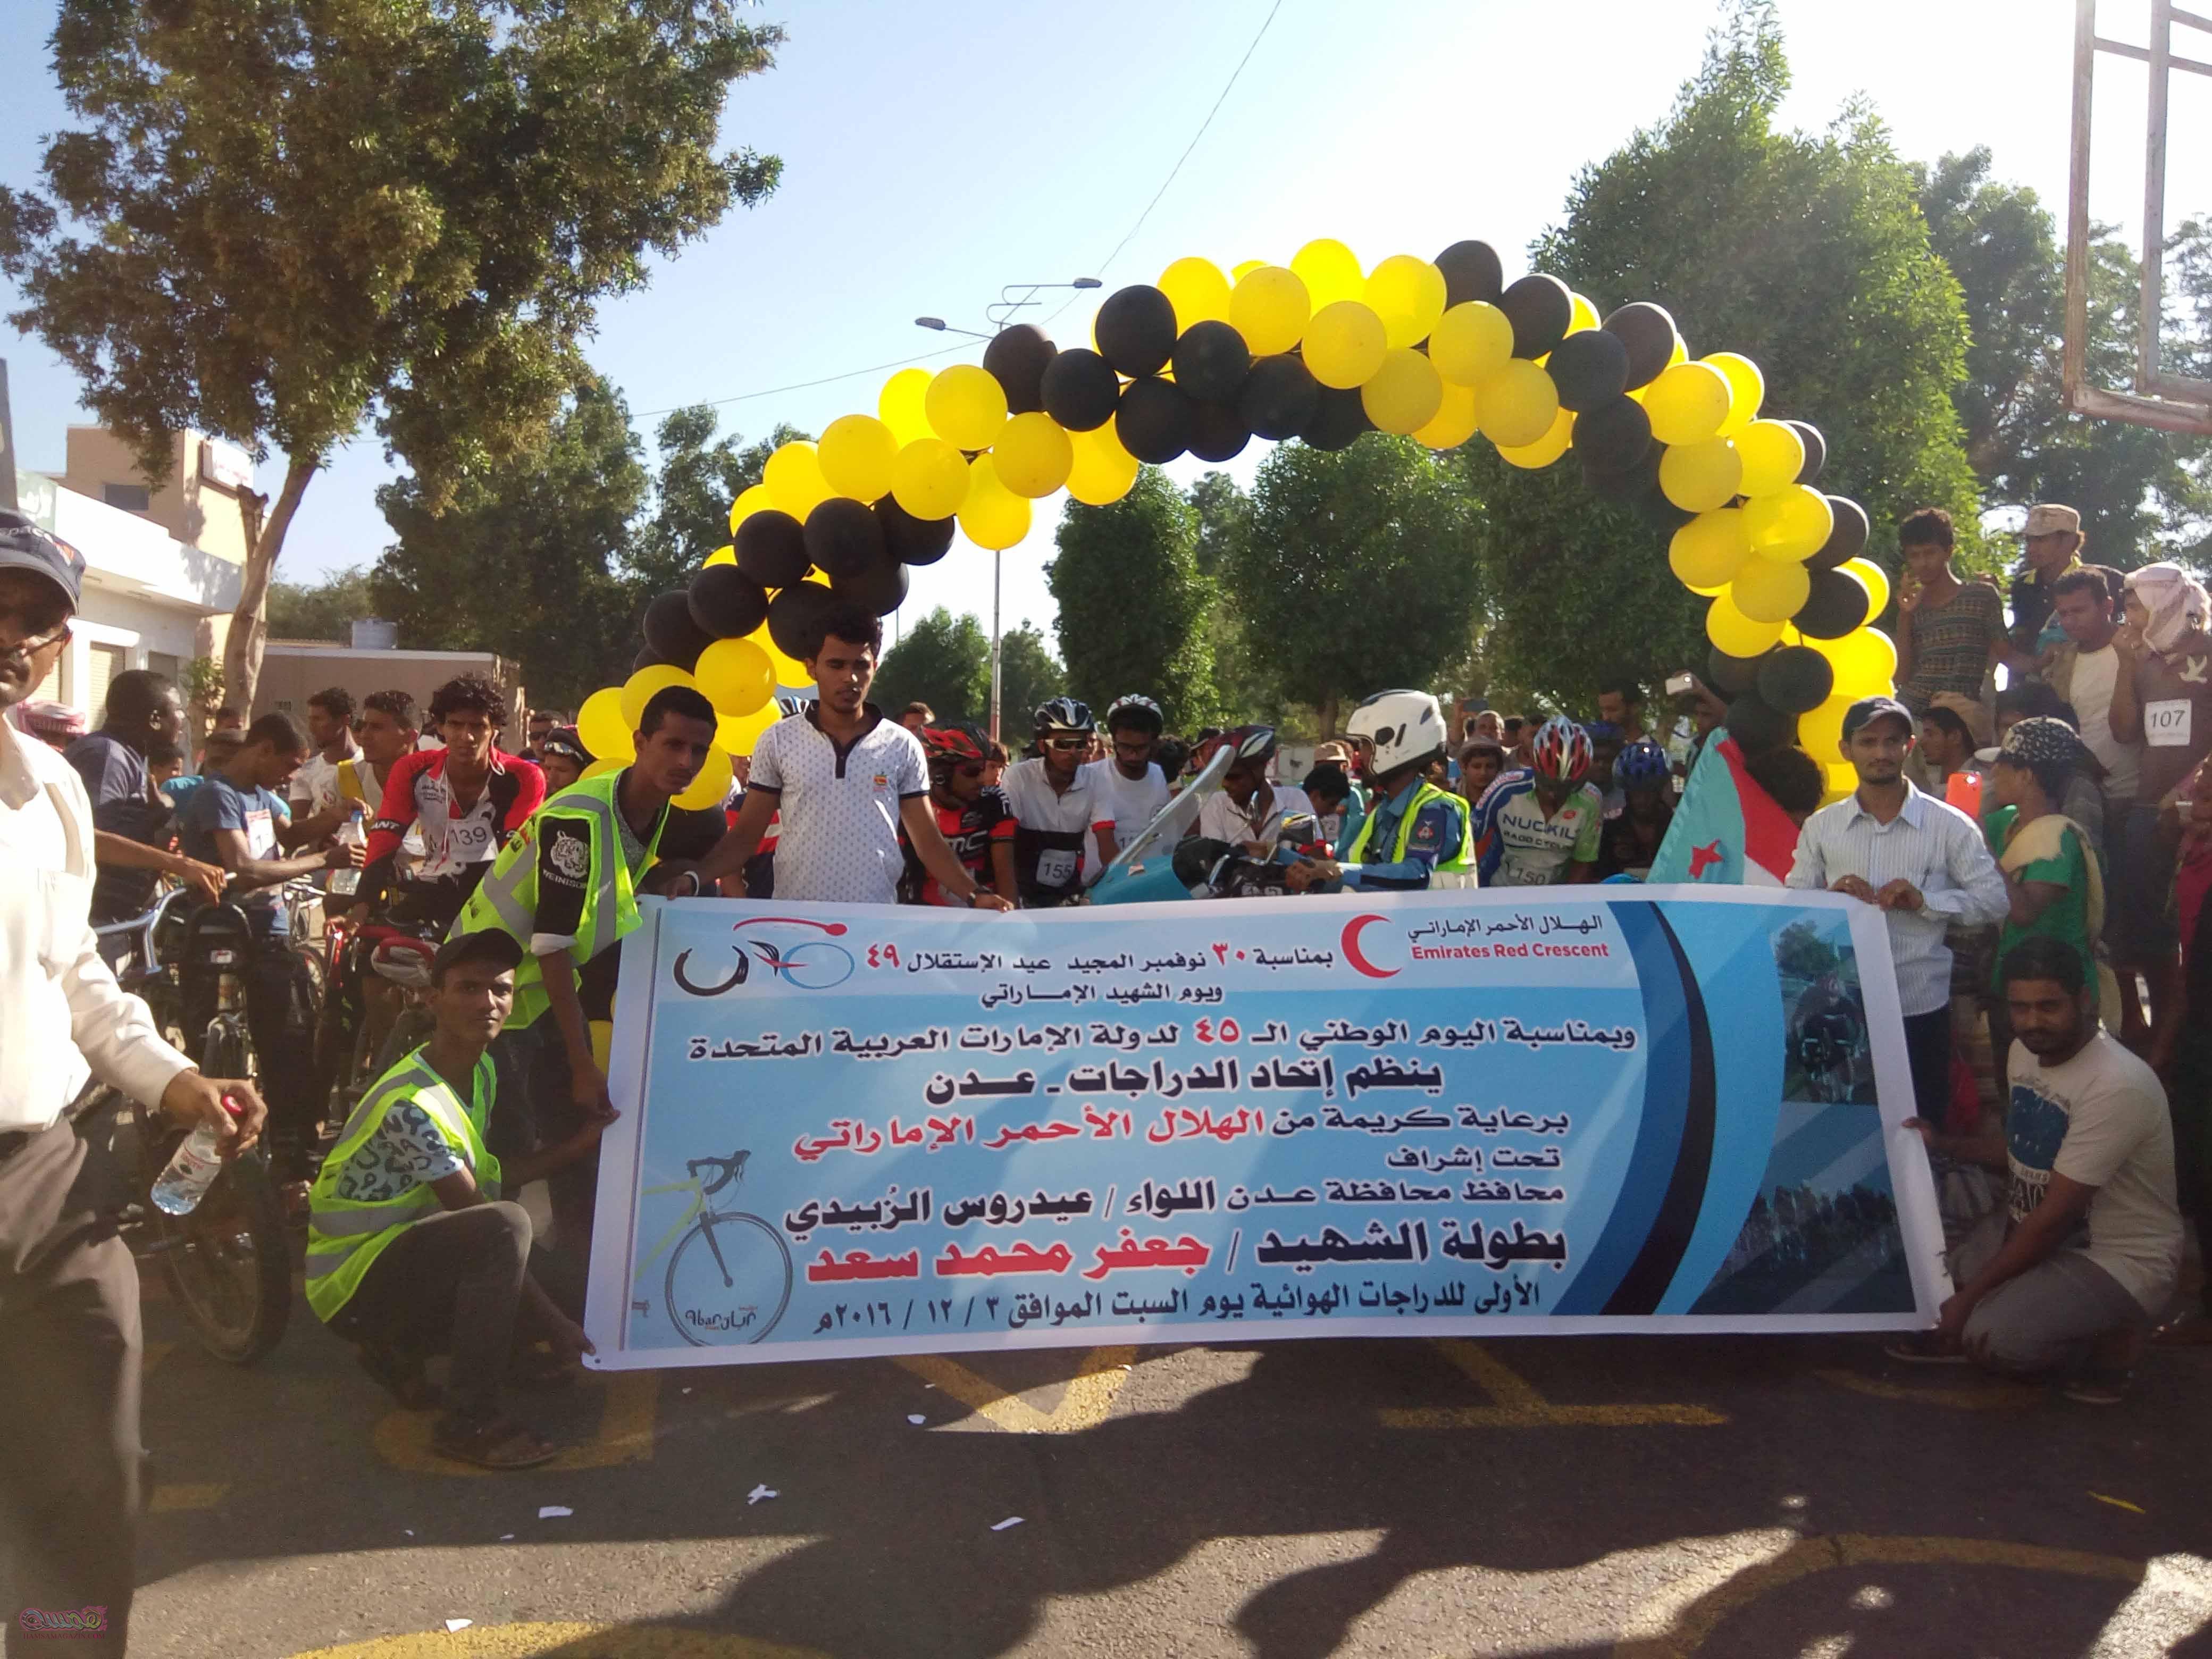 برعاية الهلال الأحمر الإماراتي انطلاق بطولة الشهيد جعفر للدراجات الهوائية